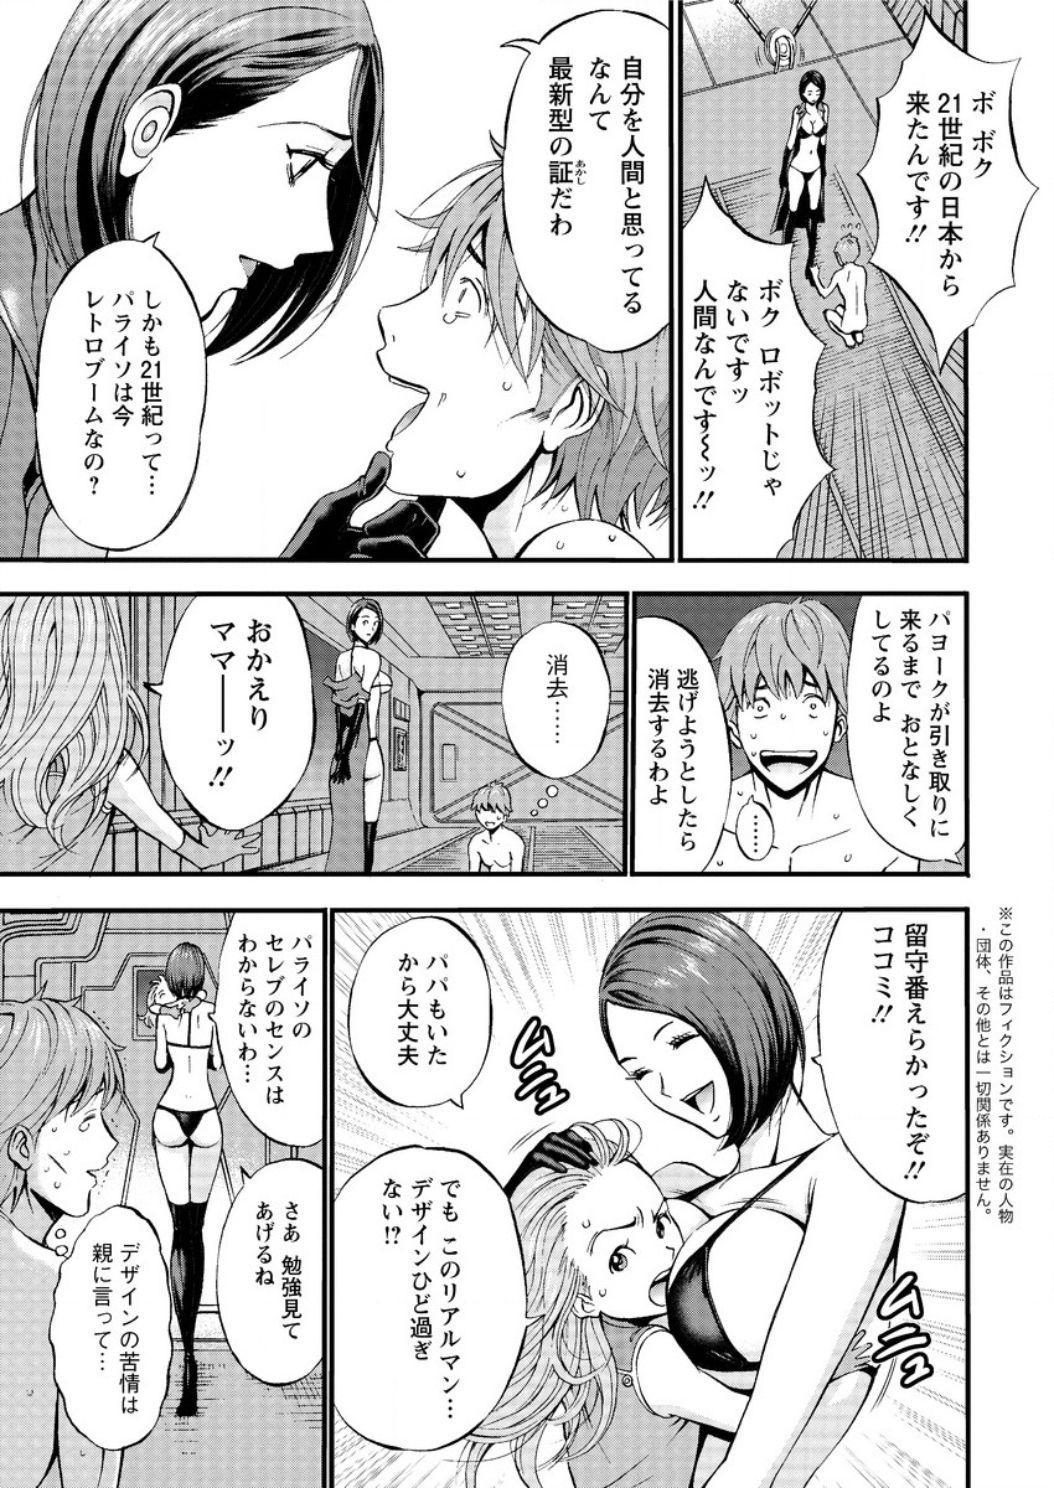 Seireki 2200 Nen no Ota Ch. 1-18 32